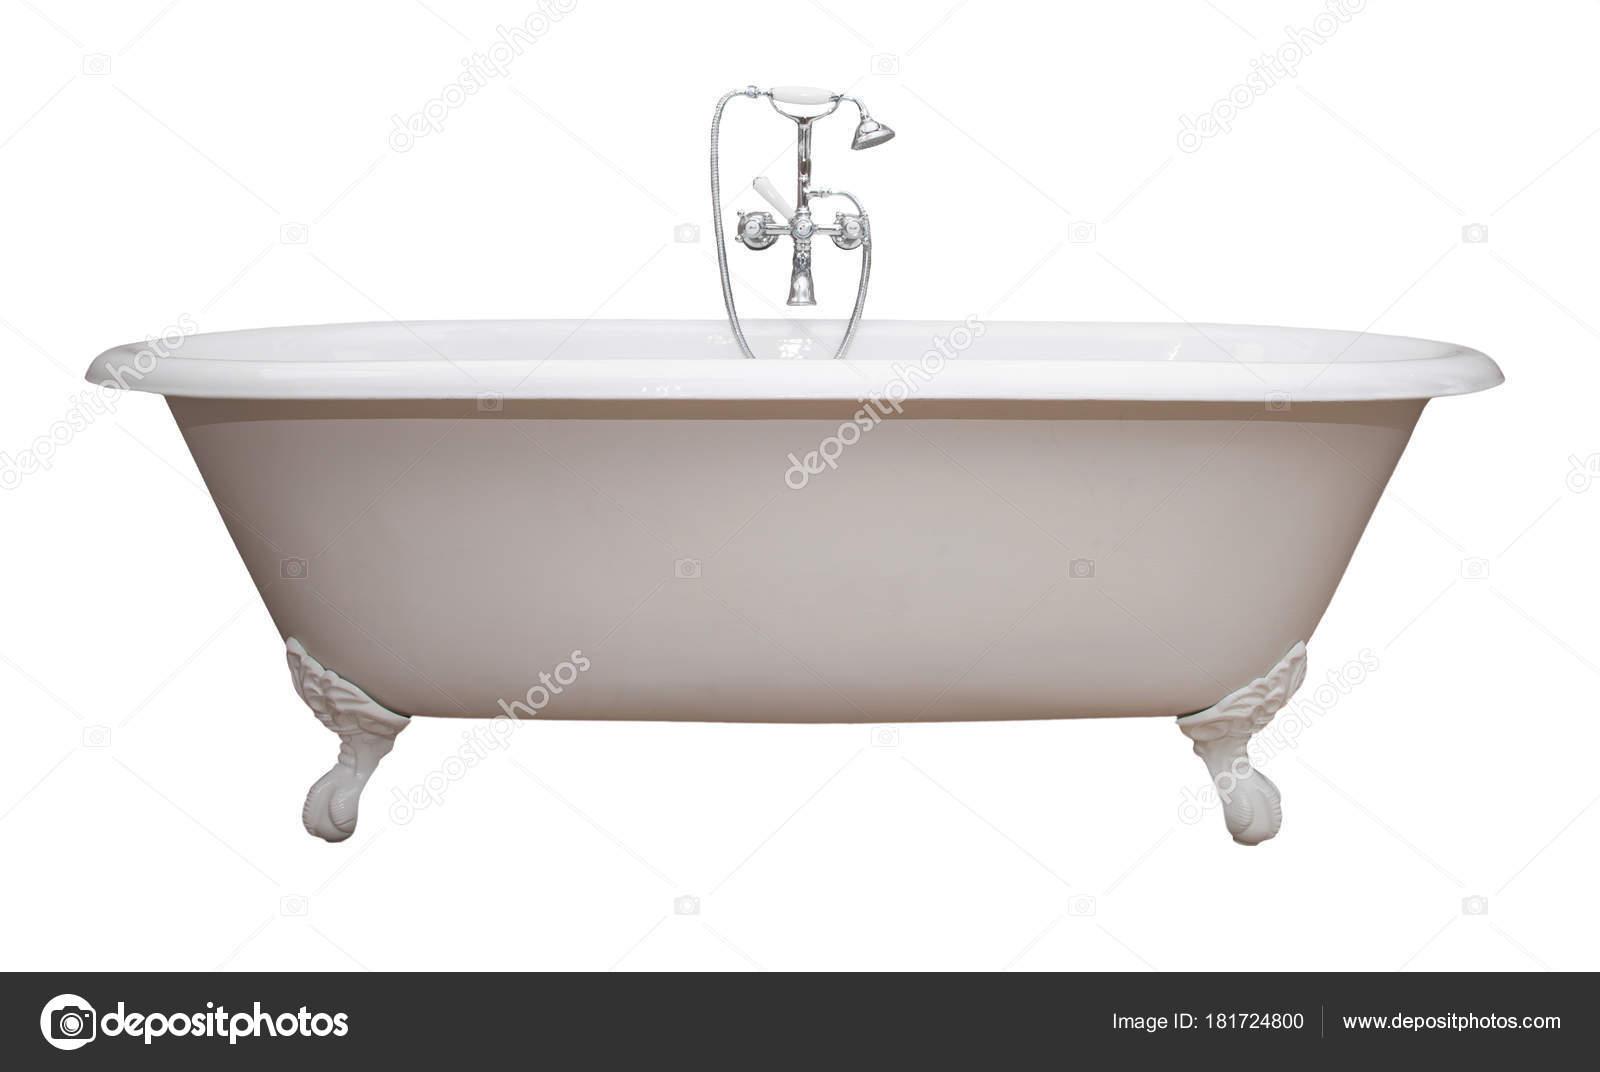 Vasca Da Bagno Metallo : Vasca bagno bellissimo stile classico piedi artiglio bianco con